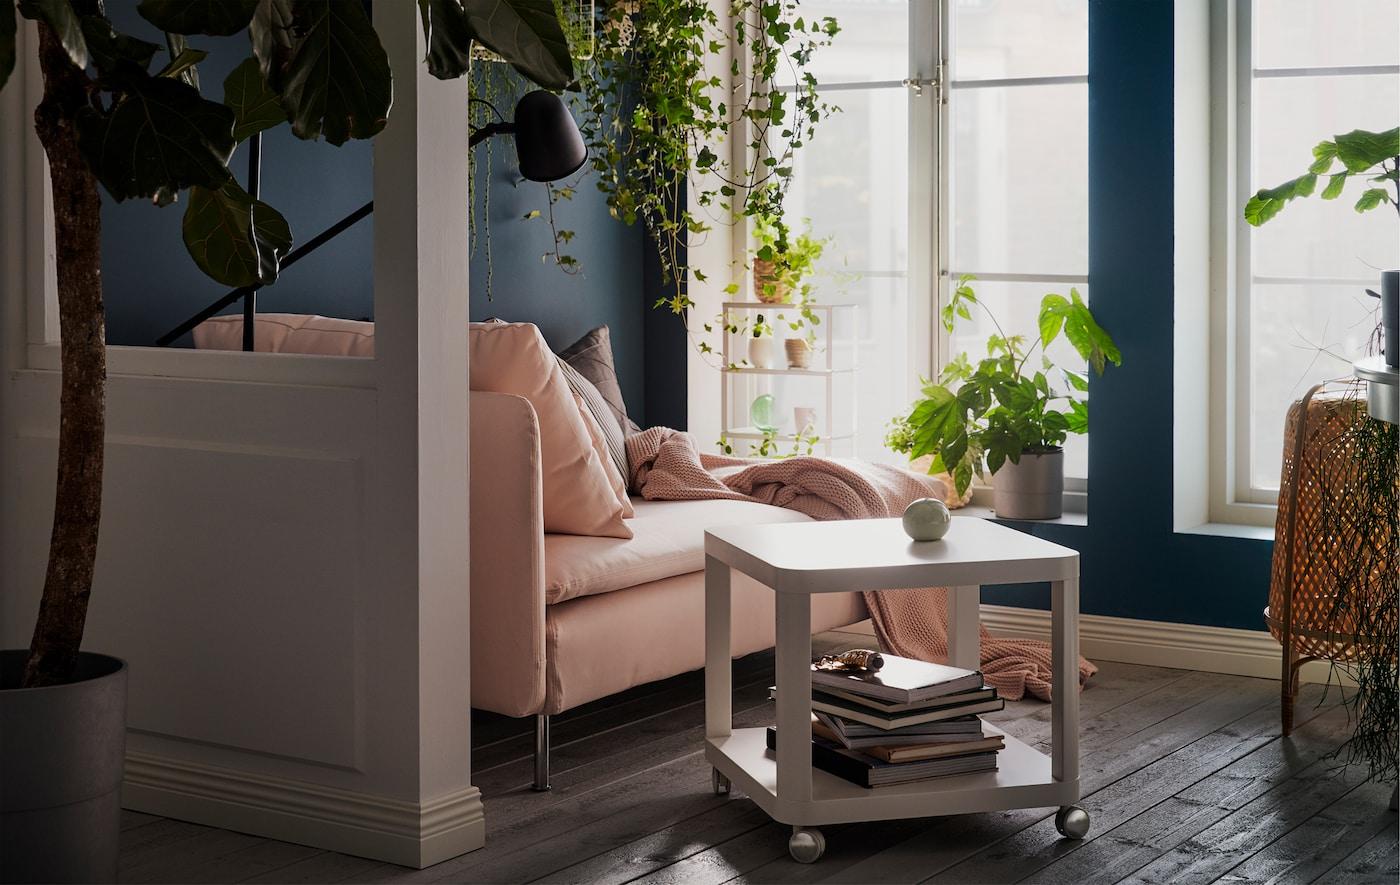 Ideen Fur Ein Gruneres Zuhause Mit Pflanzen Ikea Osterreich